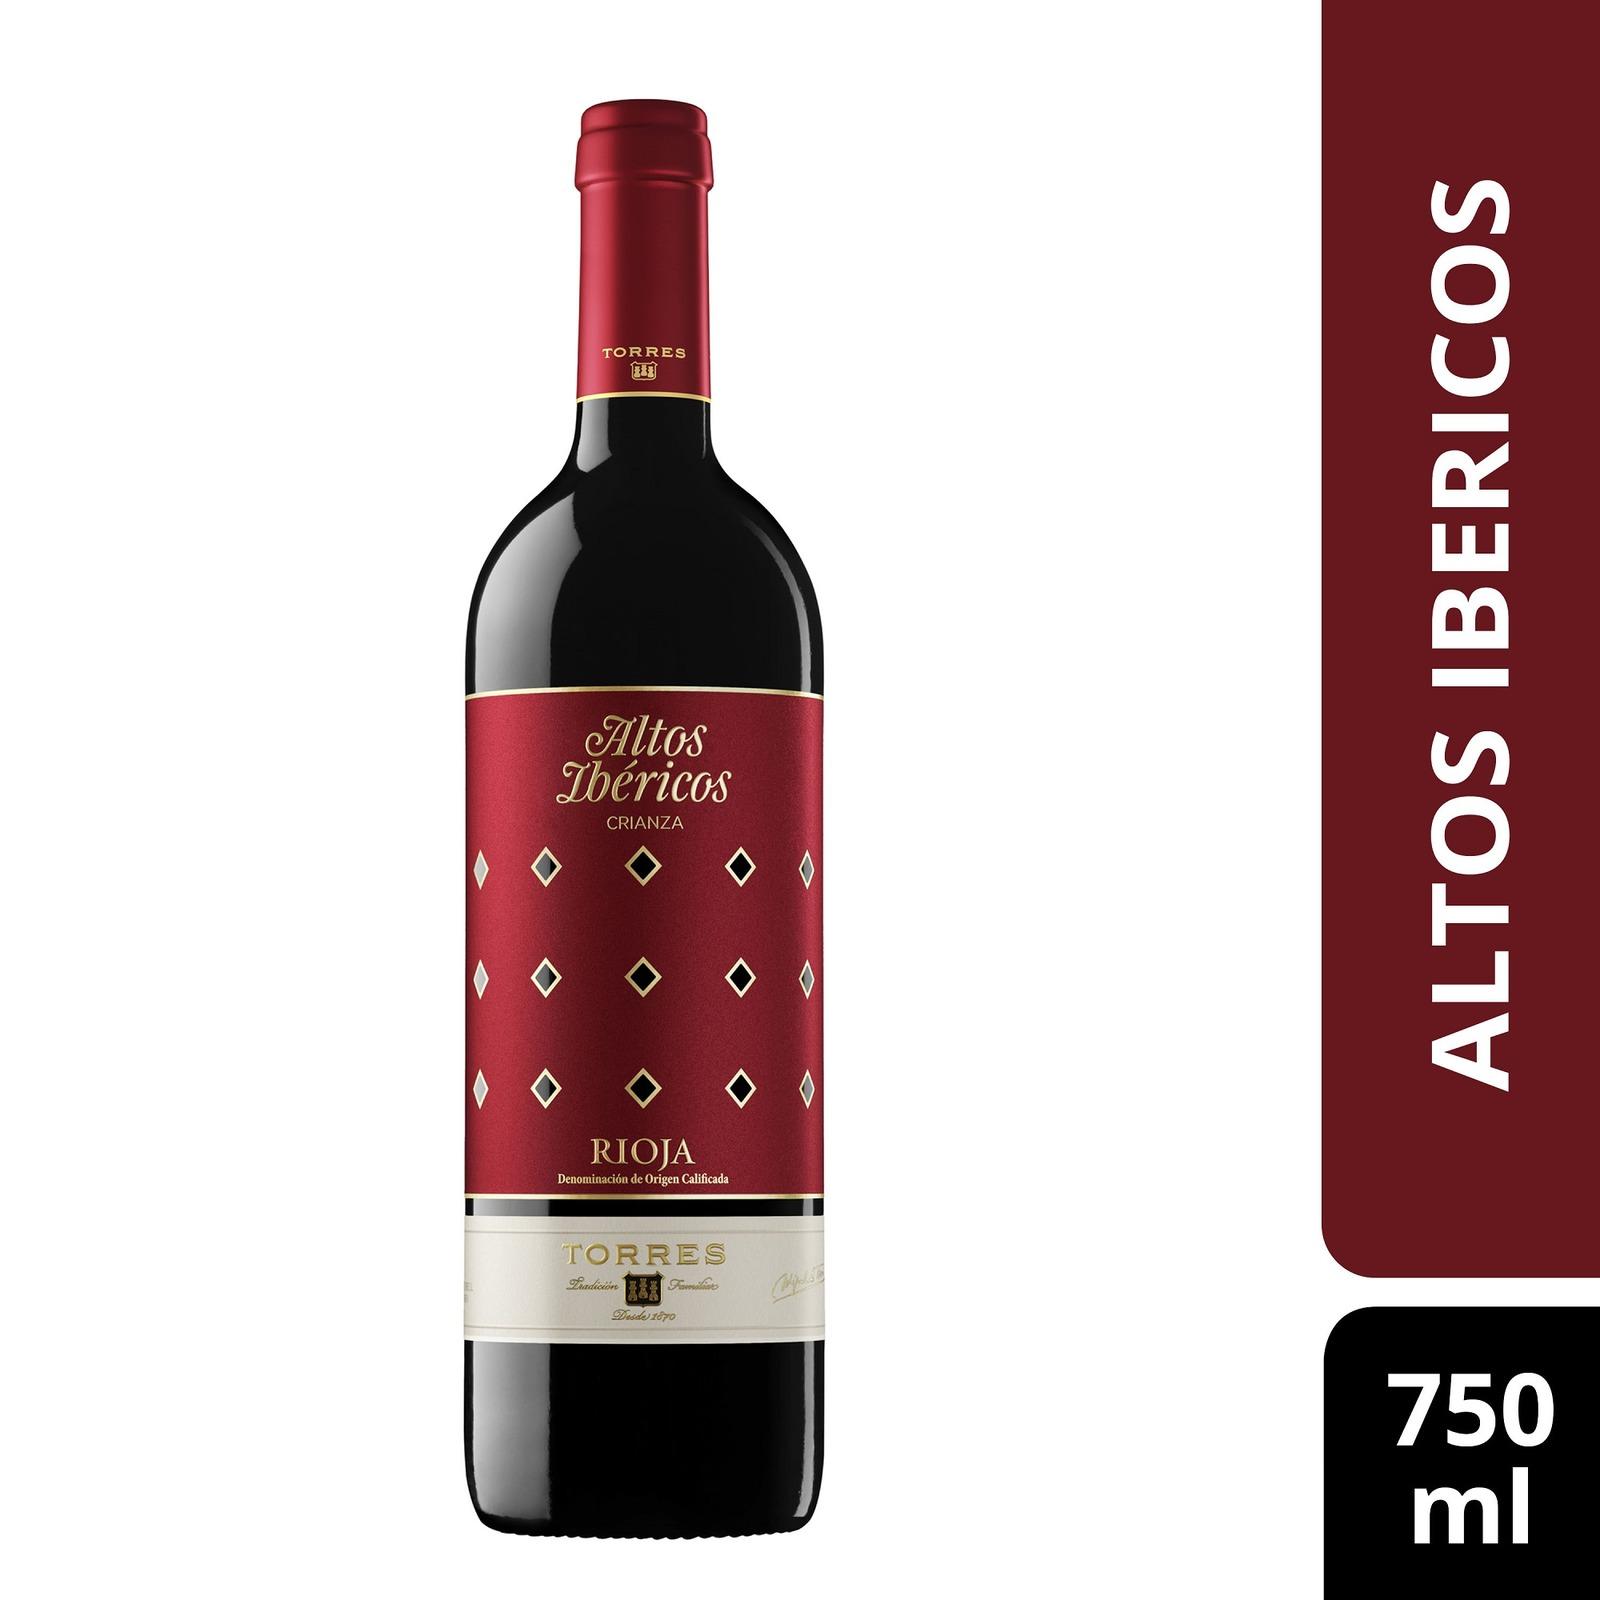 Torres Altos Ibericos Crianza Doc-By Culina